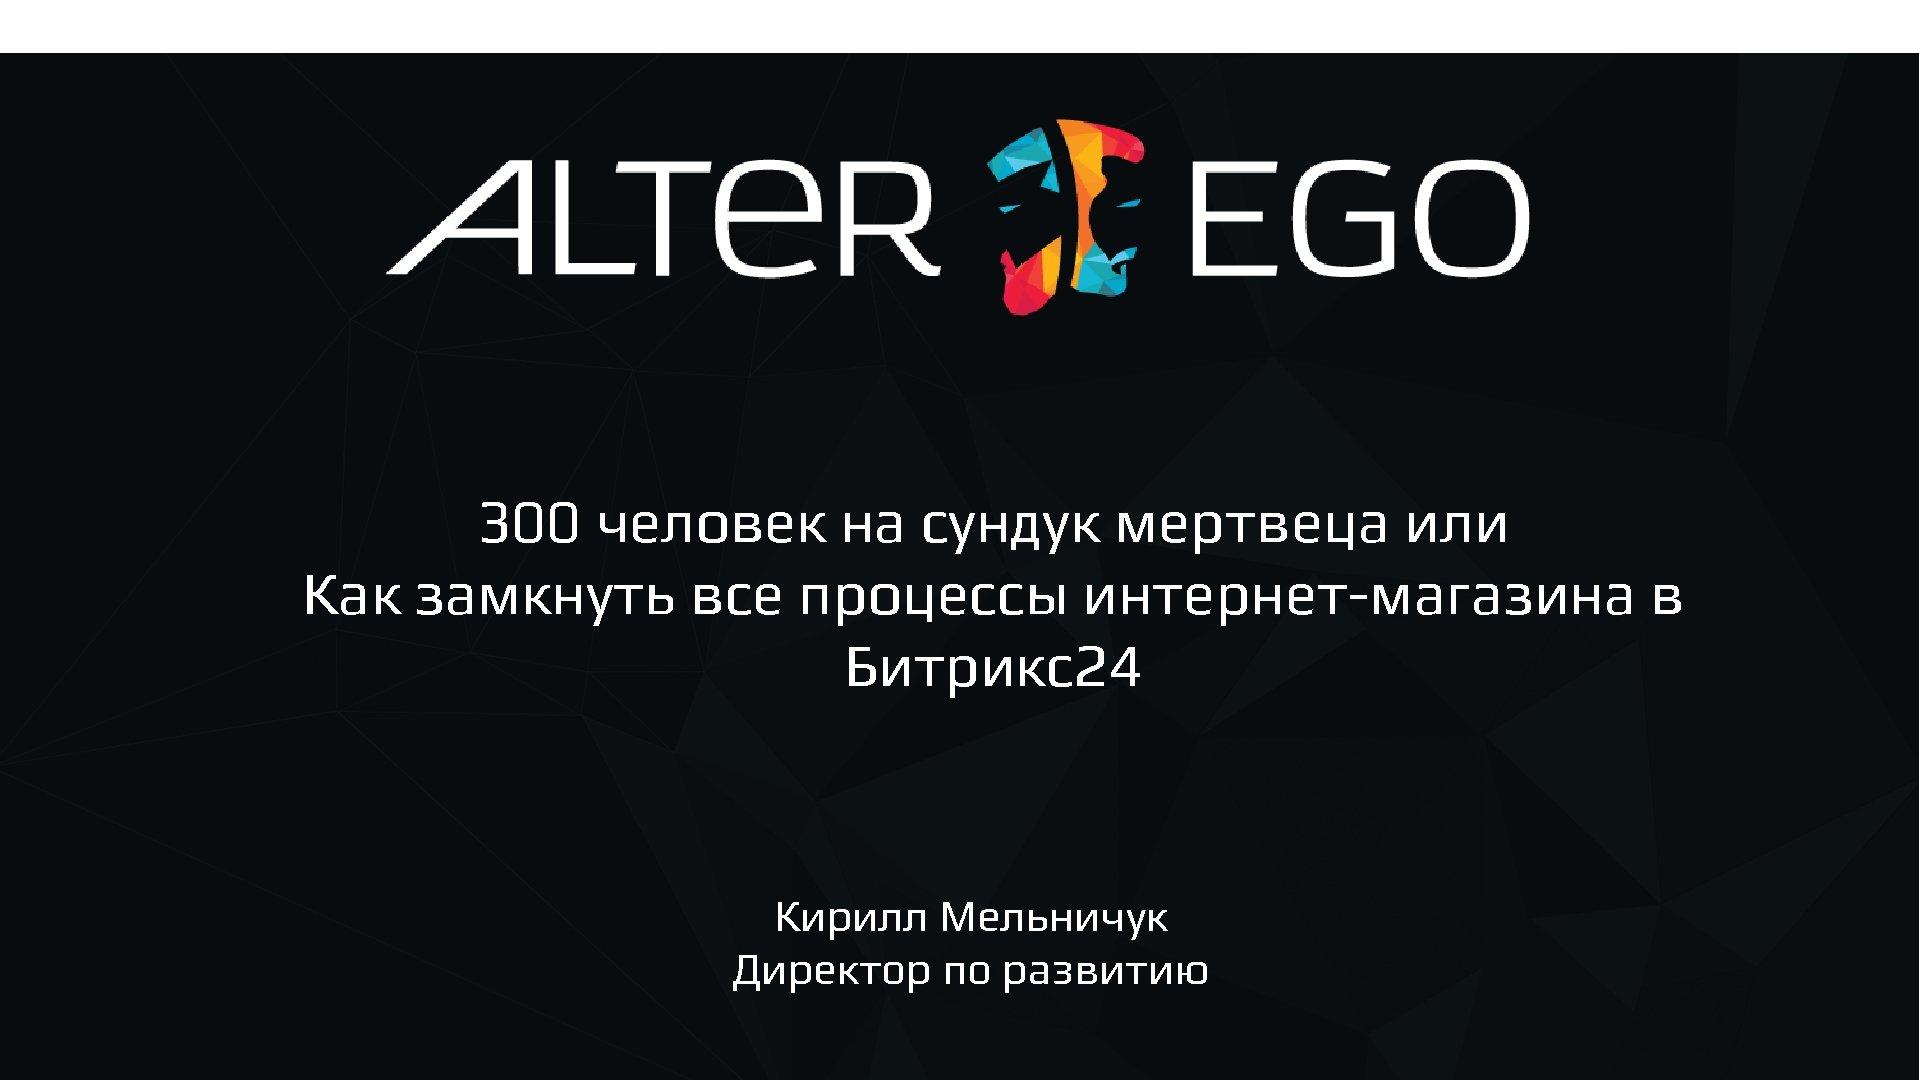 300 человек на сундук мертвеца или Как замкнуть все процессы интернет-магазина в Битрикс24